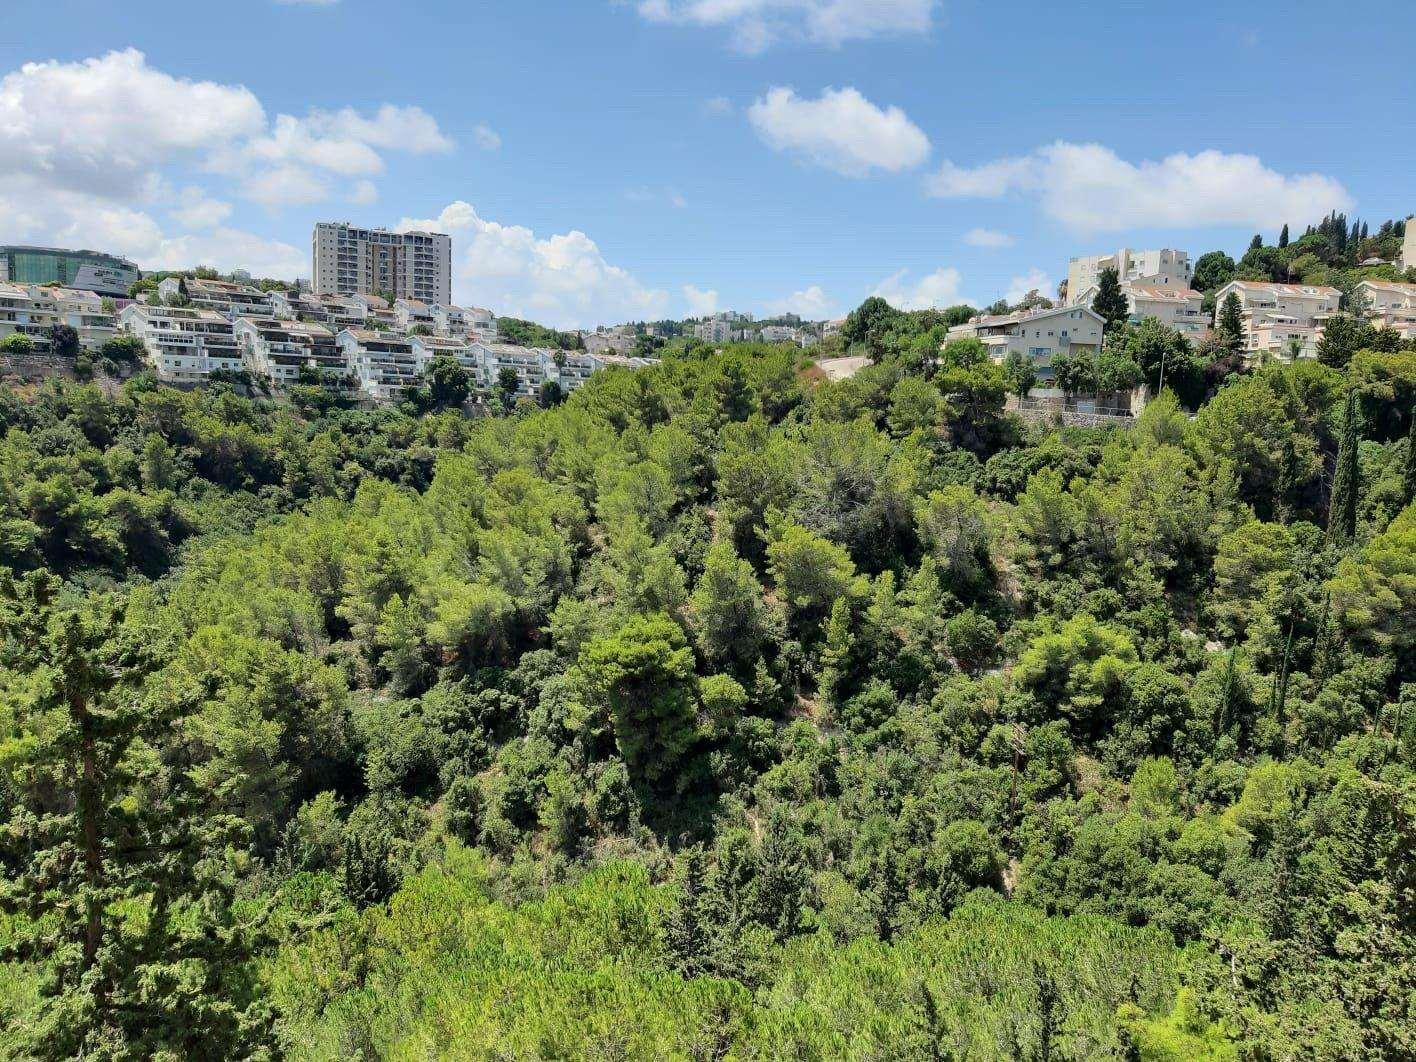 דירה למכירה 6 חדרים בחיפה אביגדור המאירי